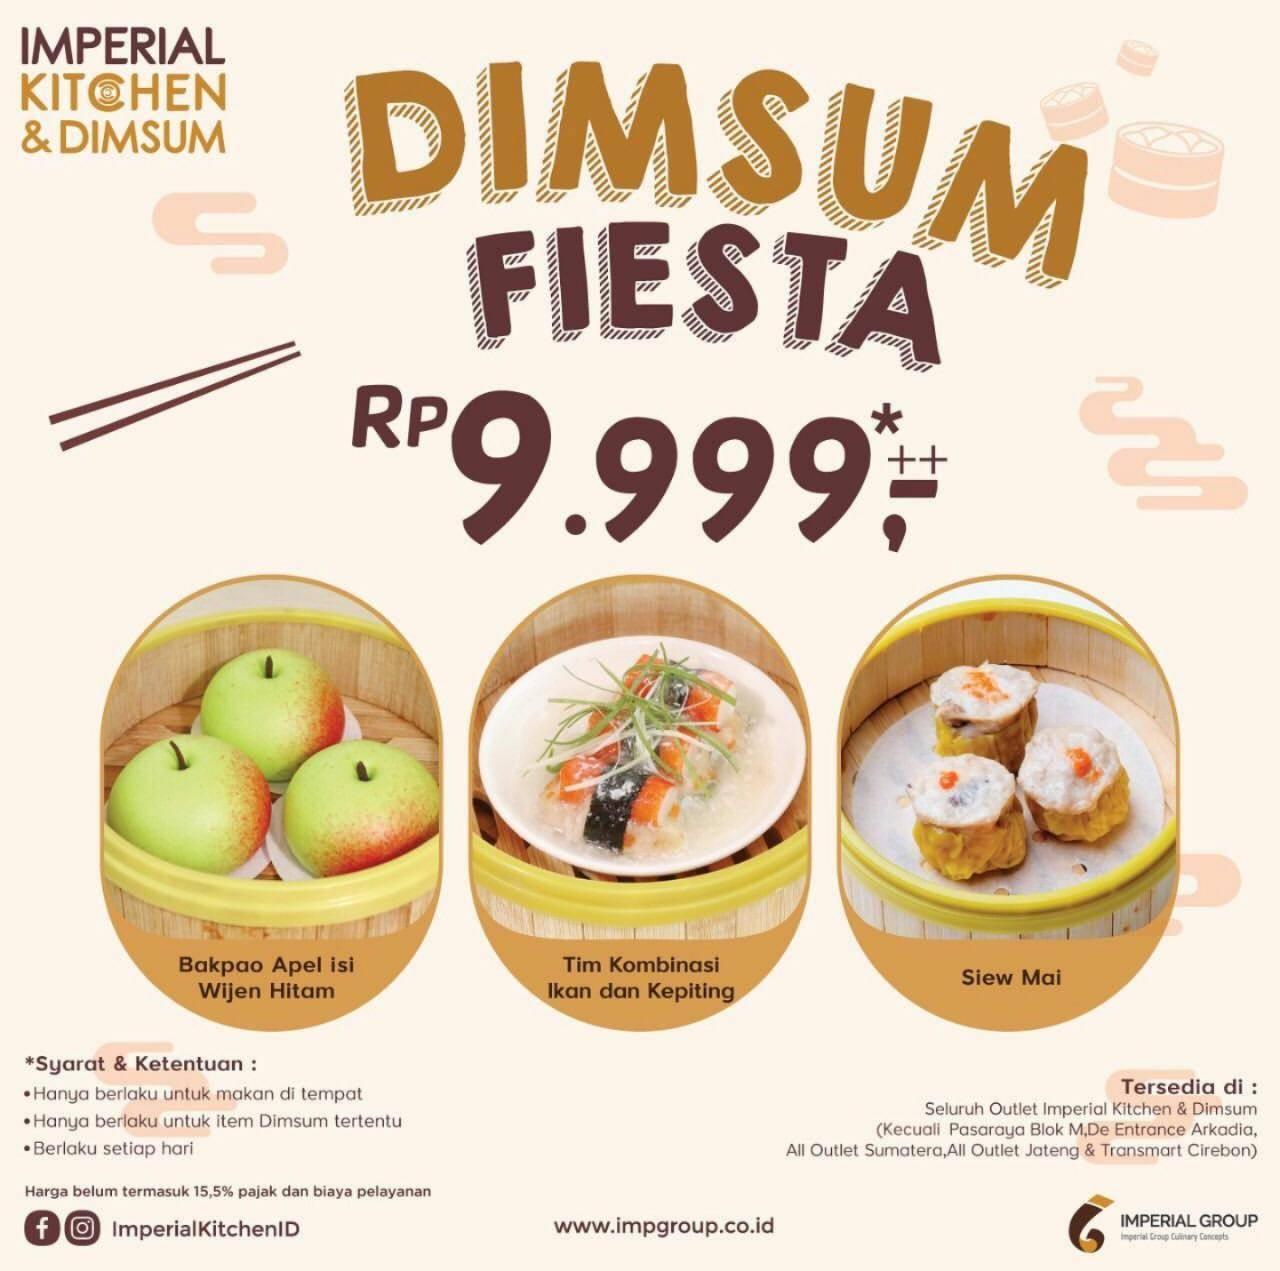 Imperial Kitchen & Dimsum Promo Spesial Dimsum Fiesta Cuma Rp. 9.999